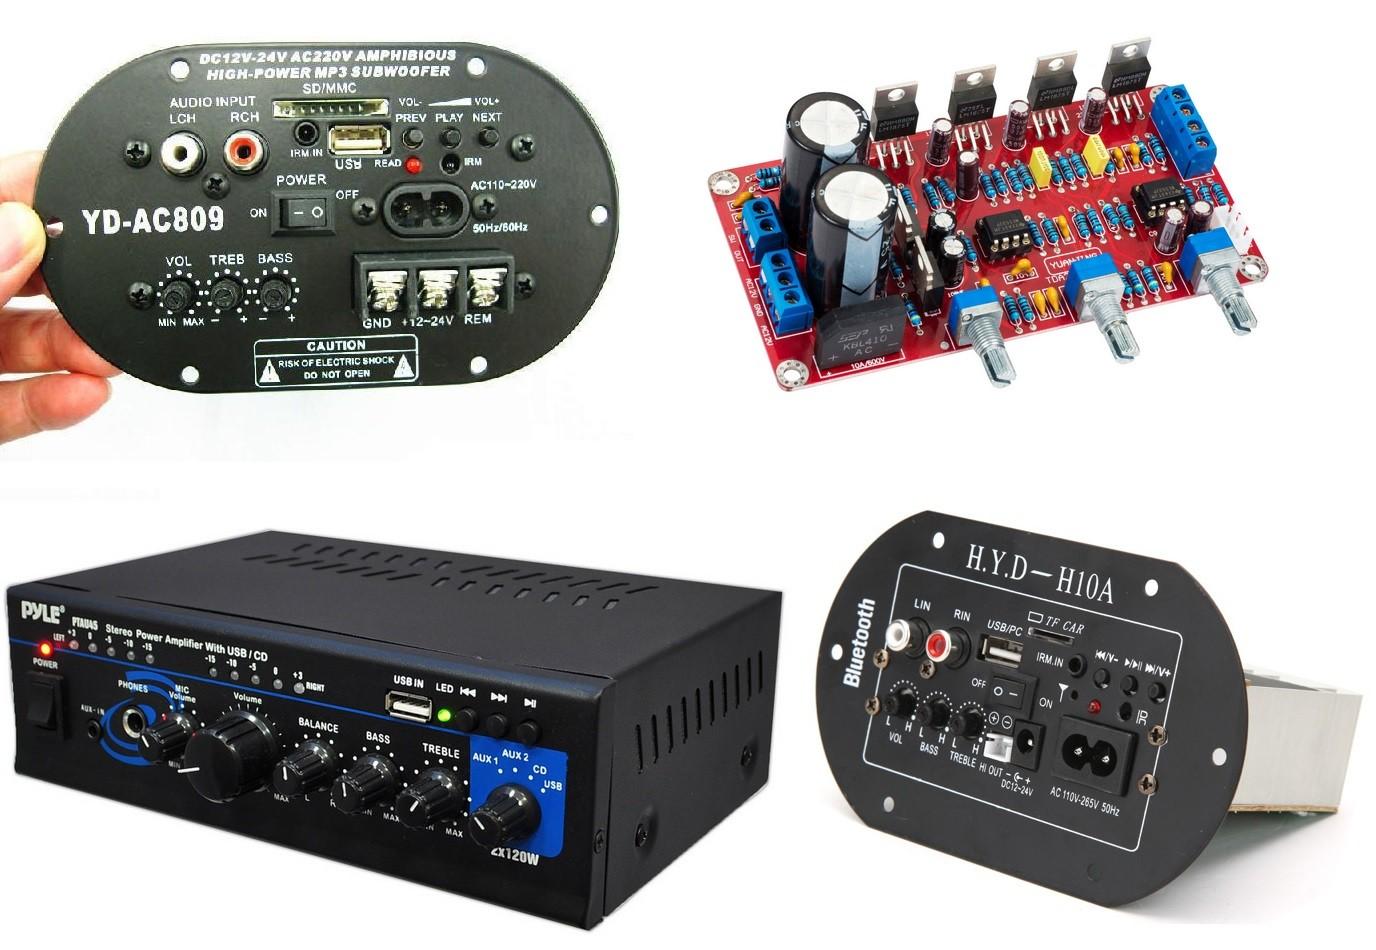 کیت آمپلی فایر ماشین سیستم صوتی